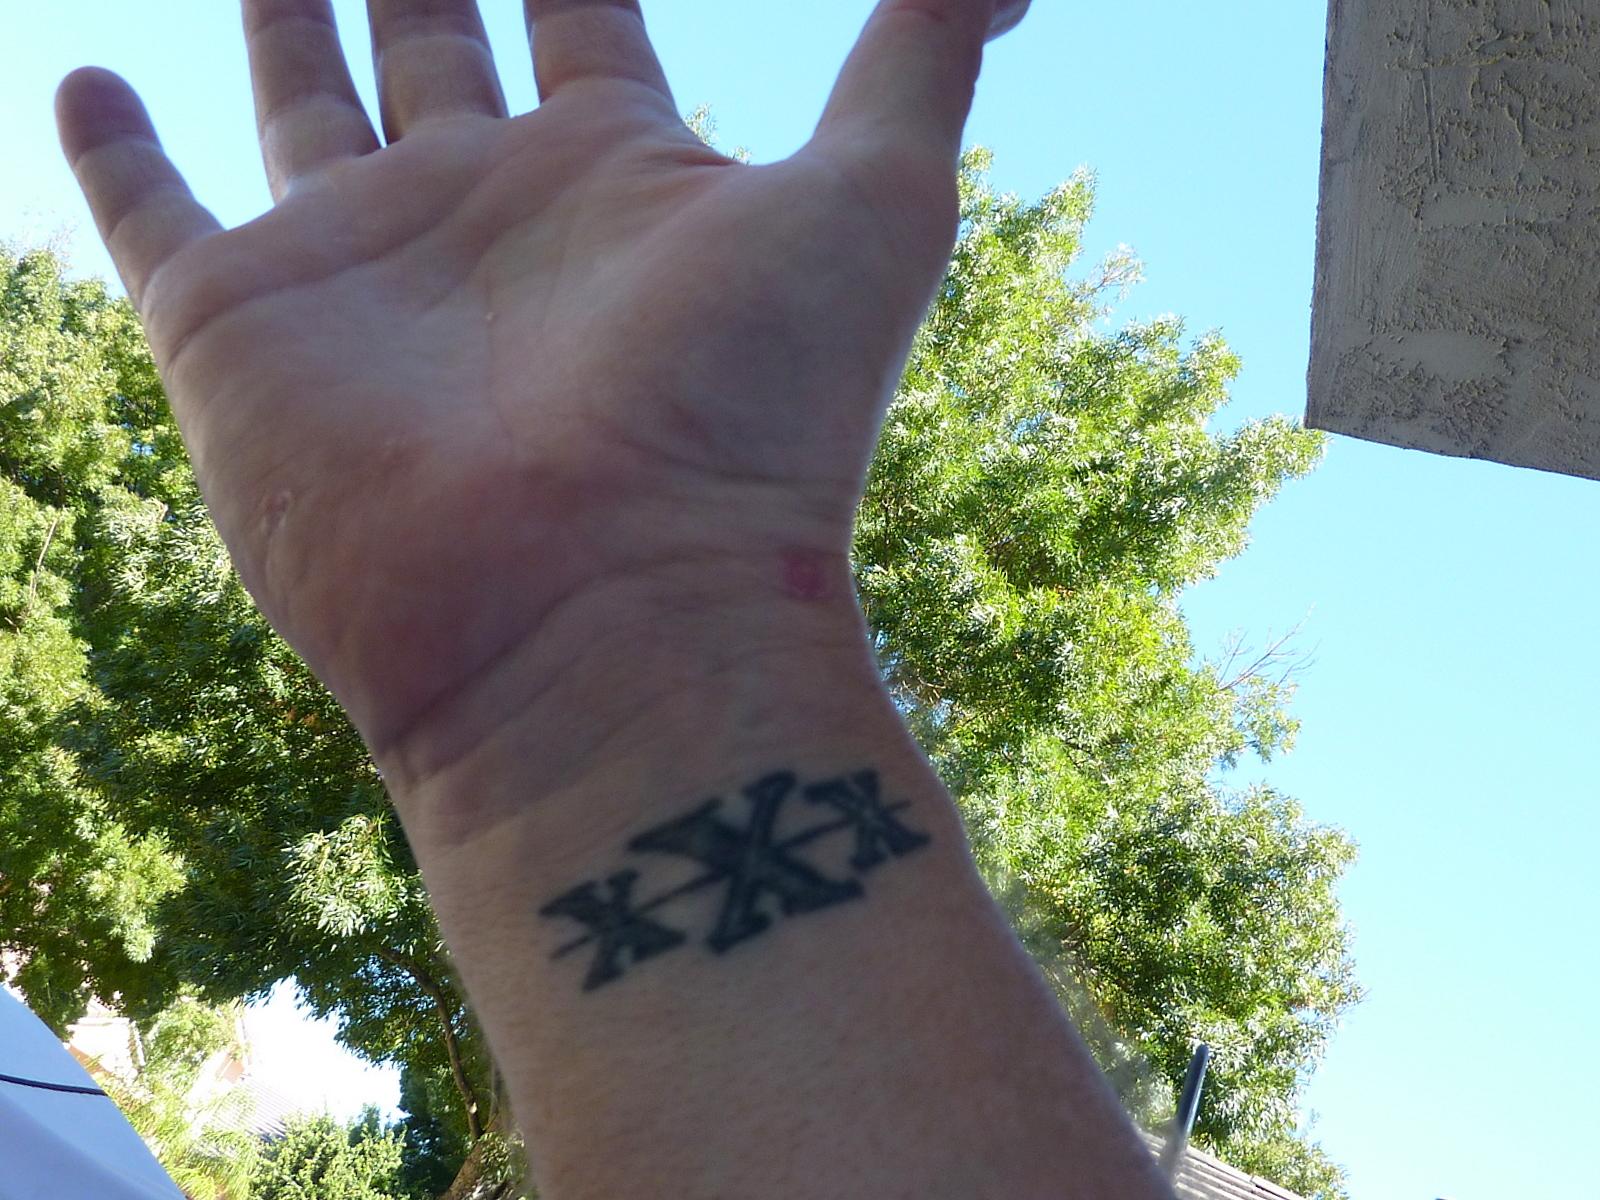 Straight Edge Tattoos: File:Straight Edge Tattoo2.jpg